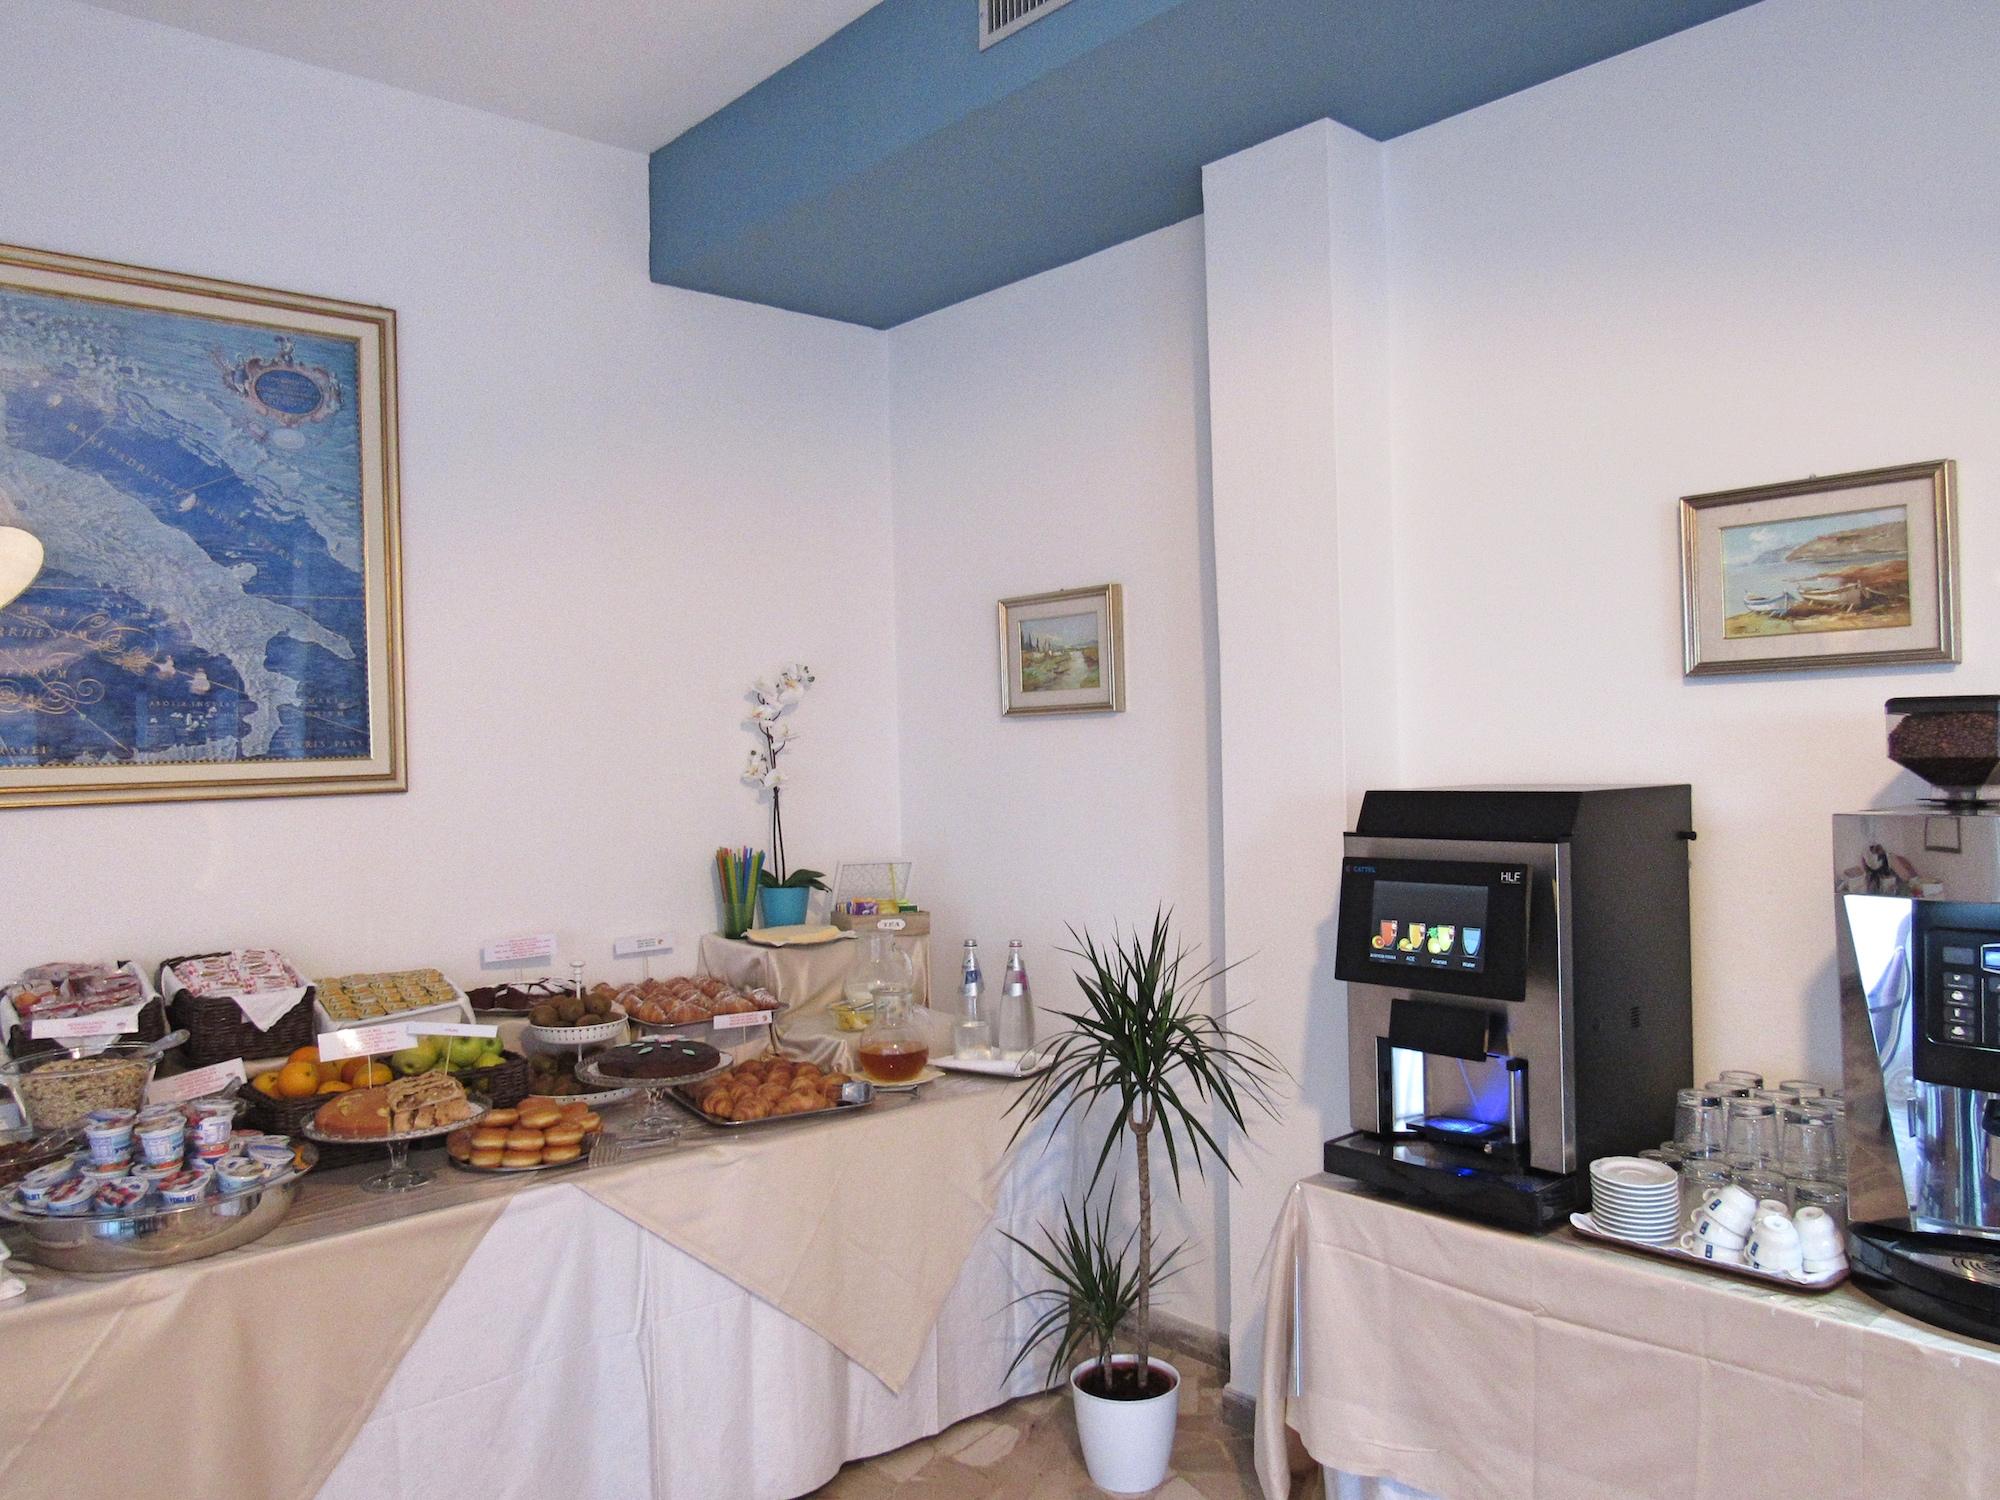 Boiserie - Azienda Soggiorno Grado - Ltay.net